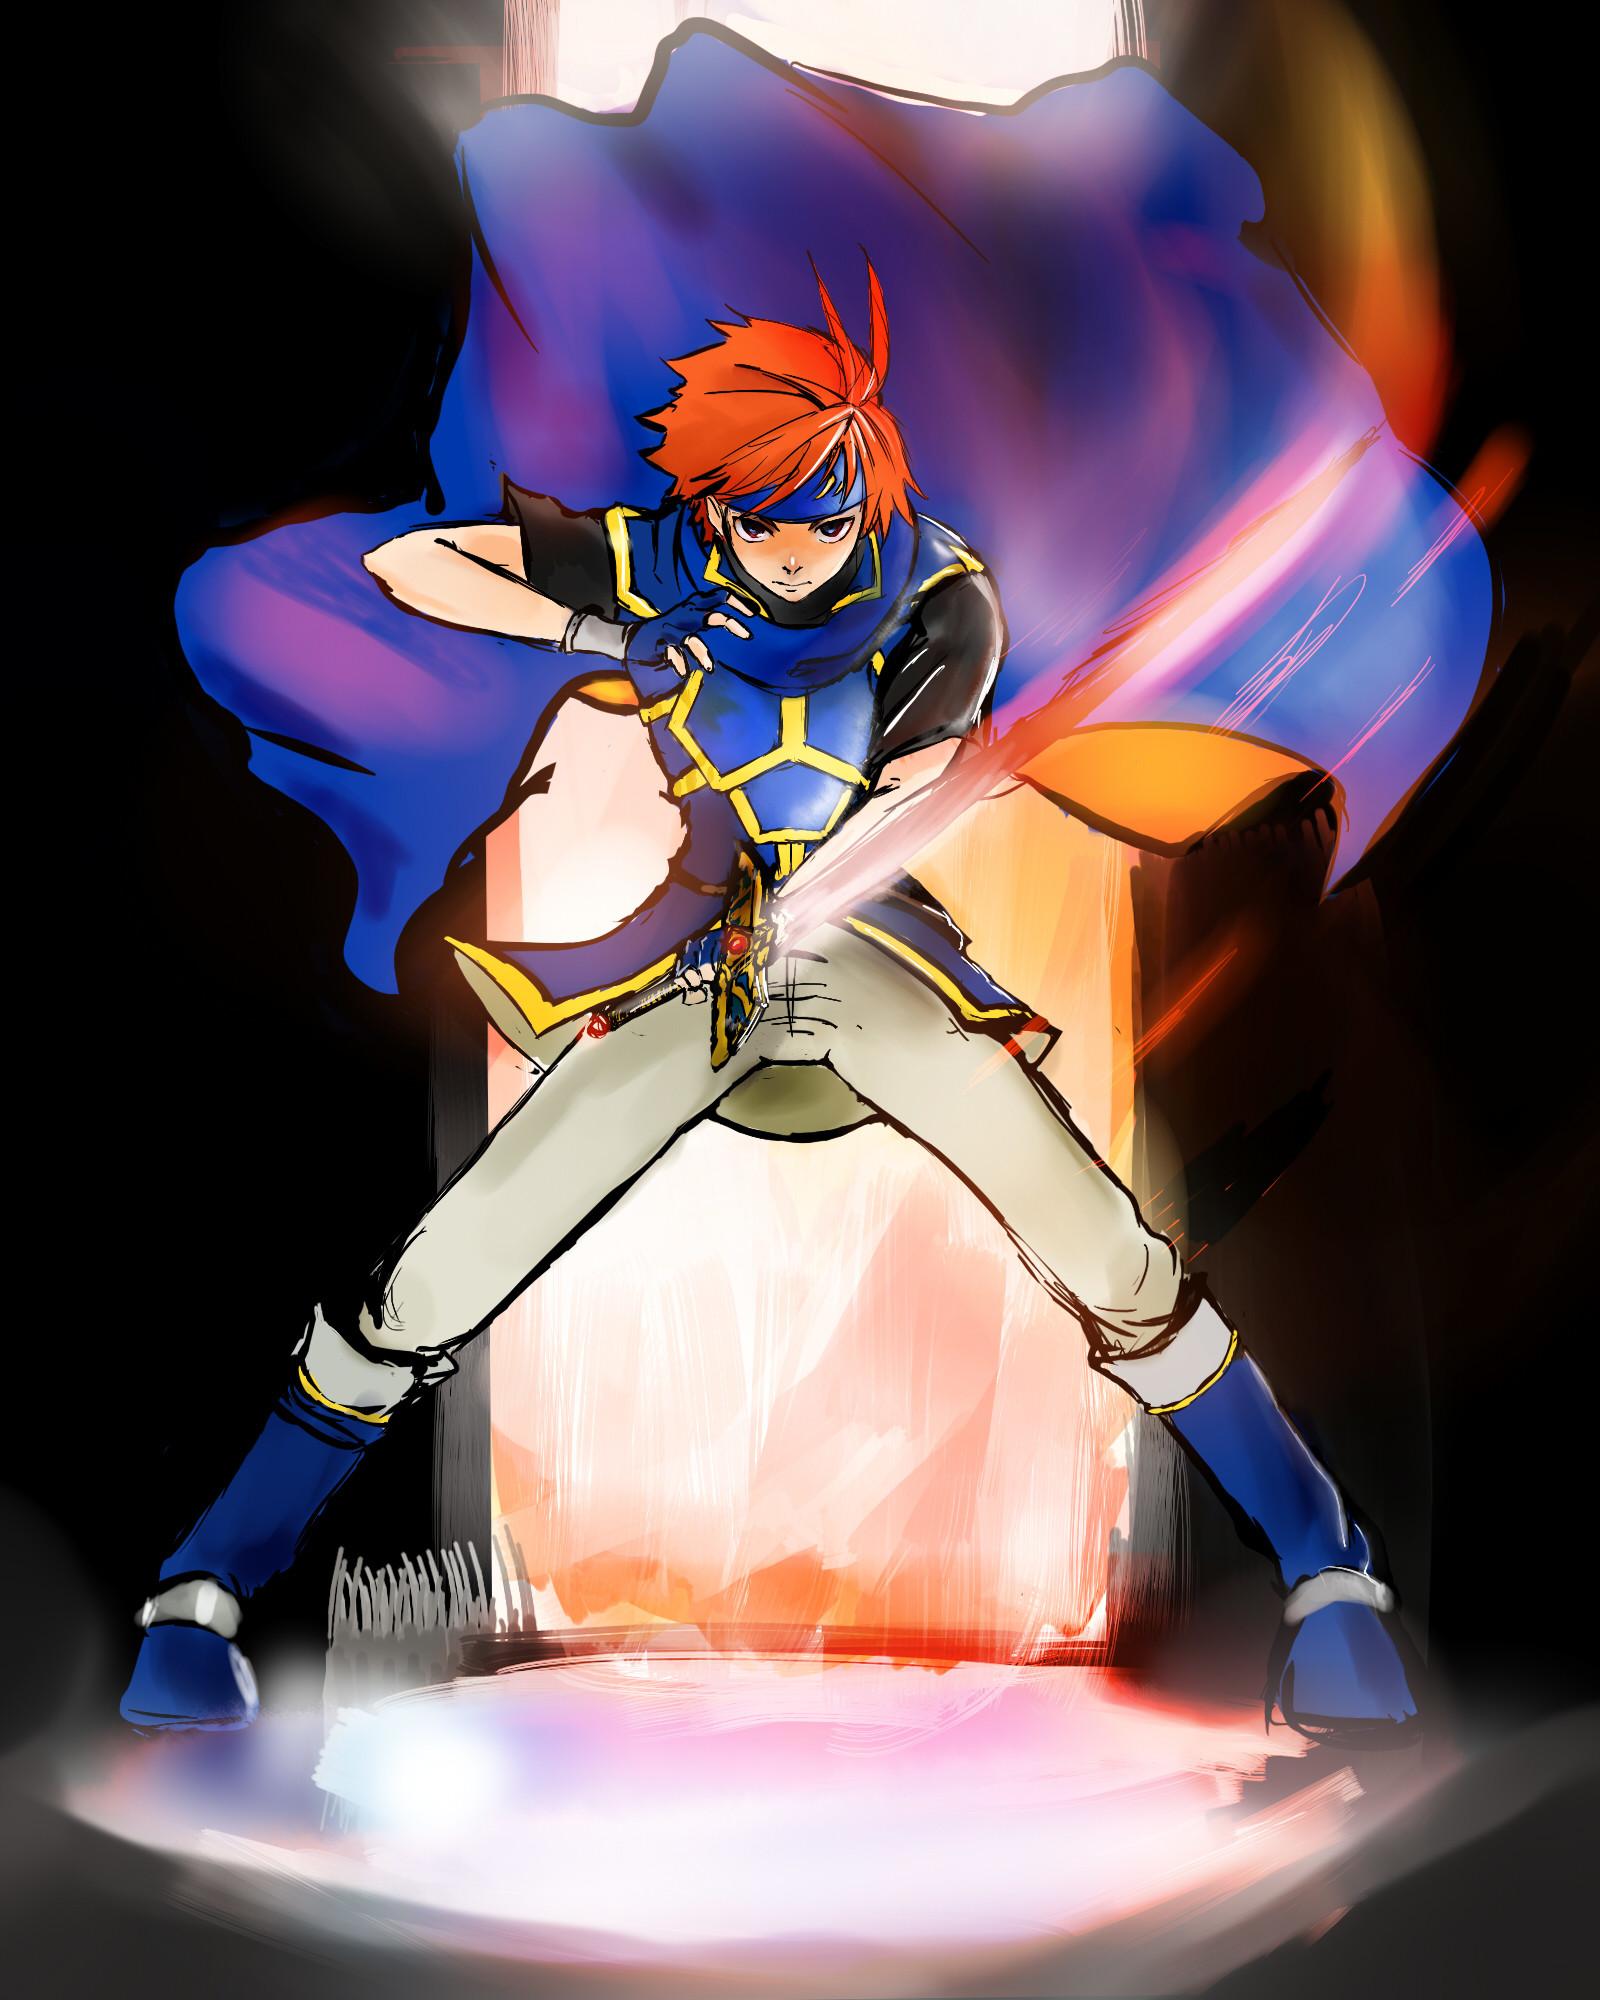 Fire Emblem Roy